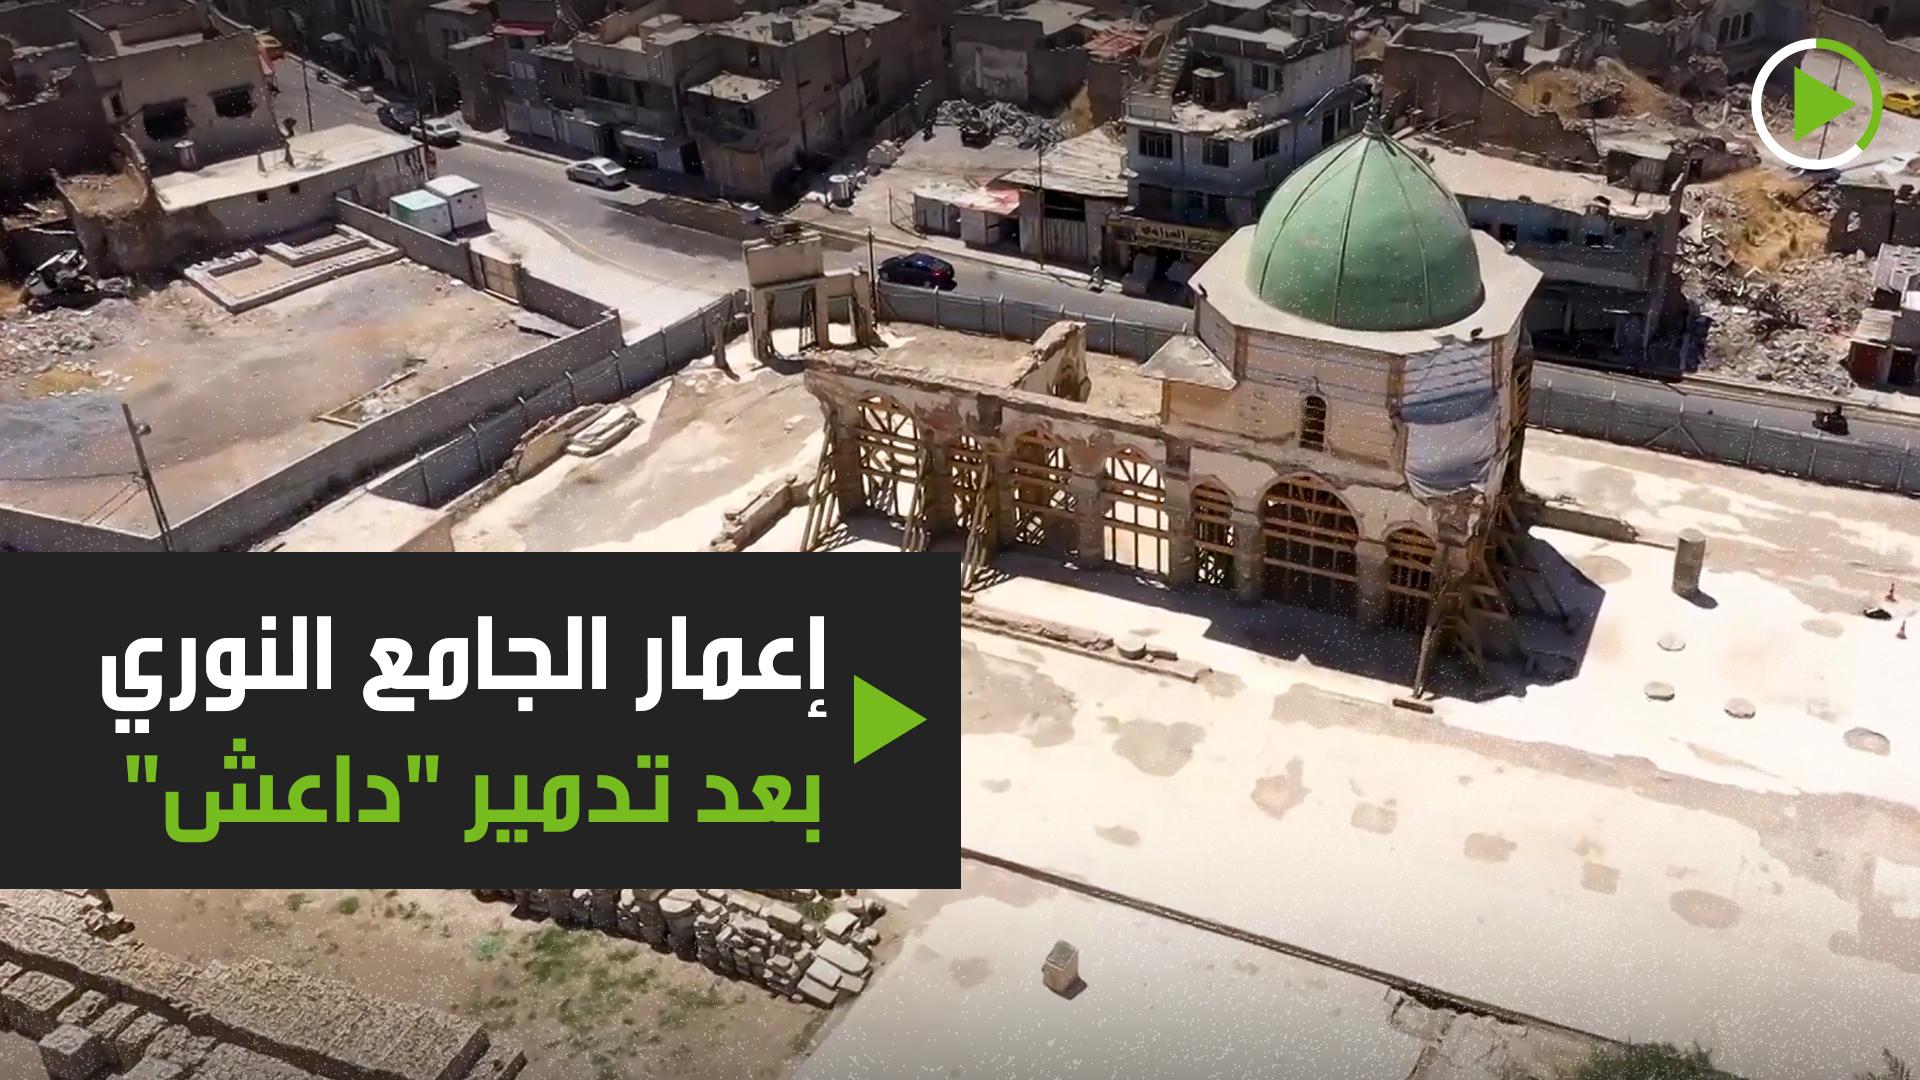 إعادة إعمار الجامع النوري في الموصل بعد أن دمرته